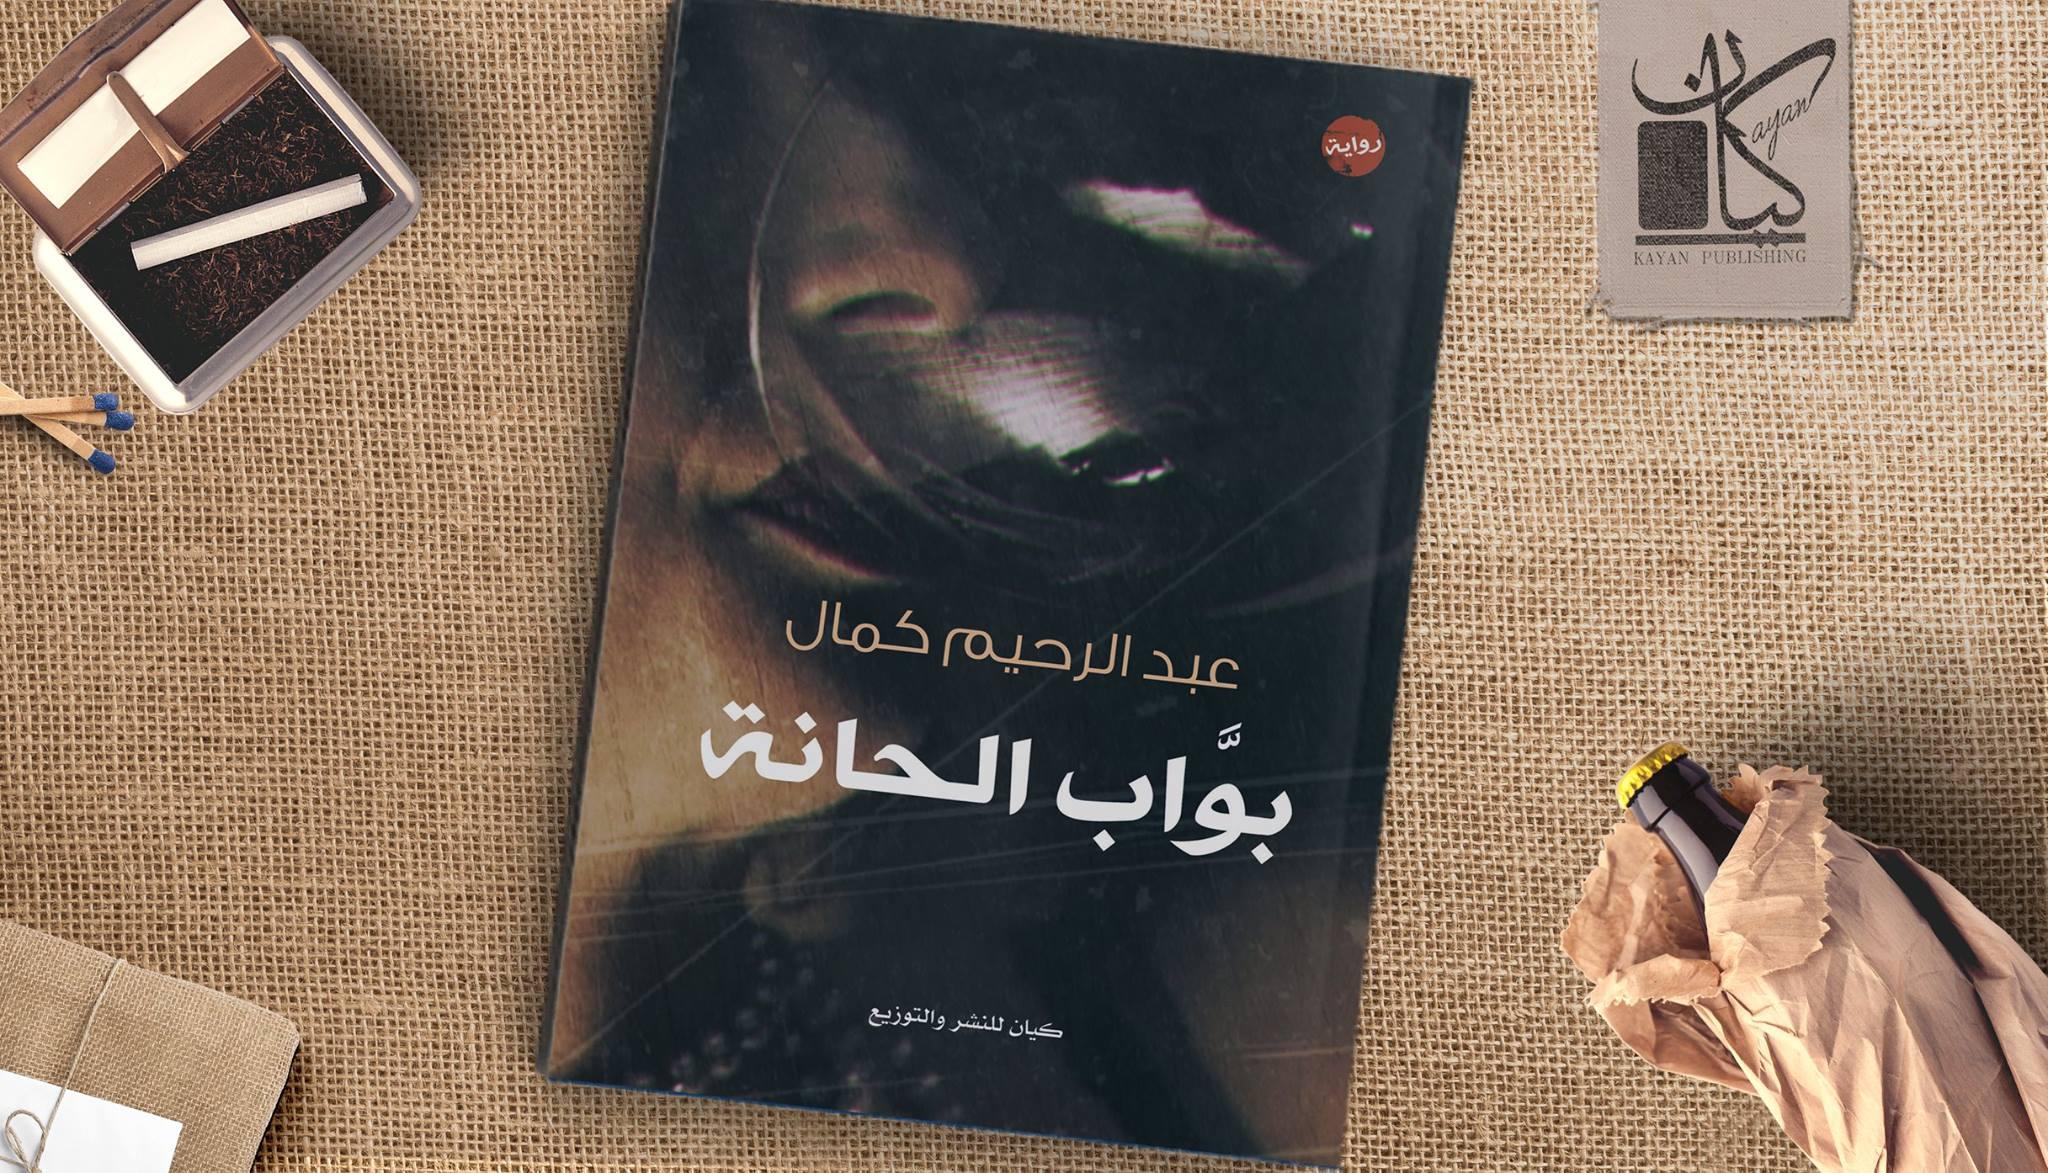 غلاف الكتاب - المصدر: كيان للنشر